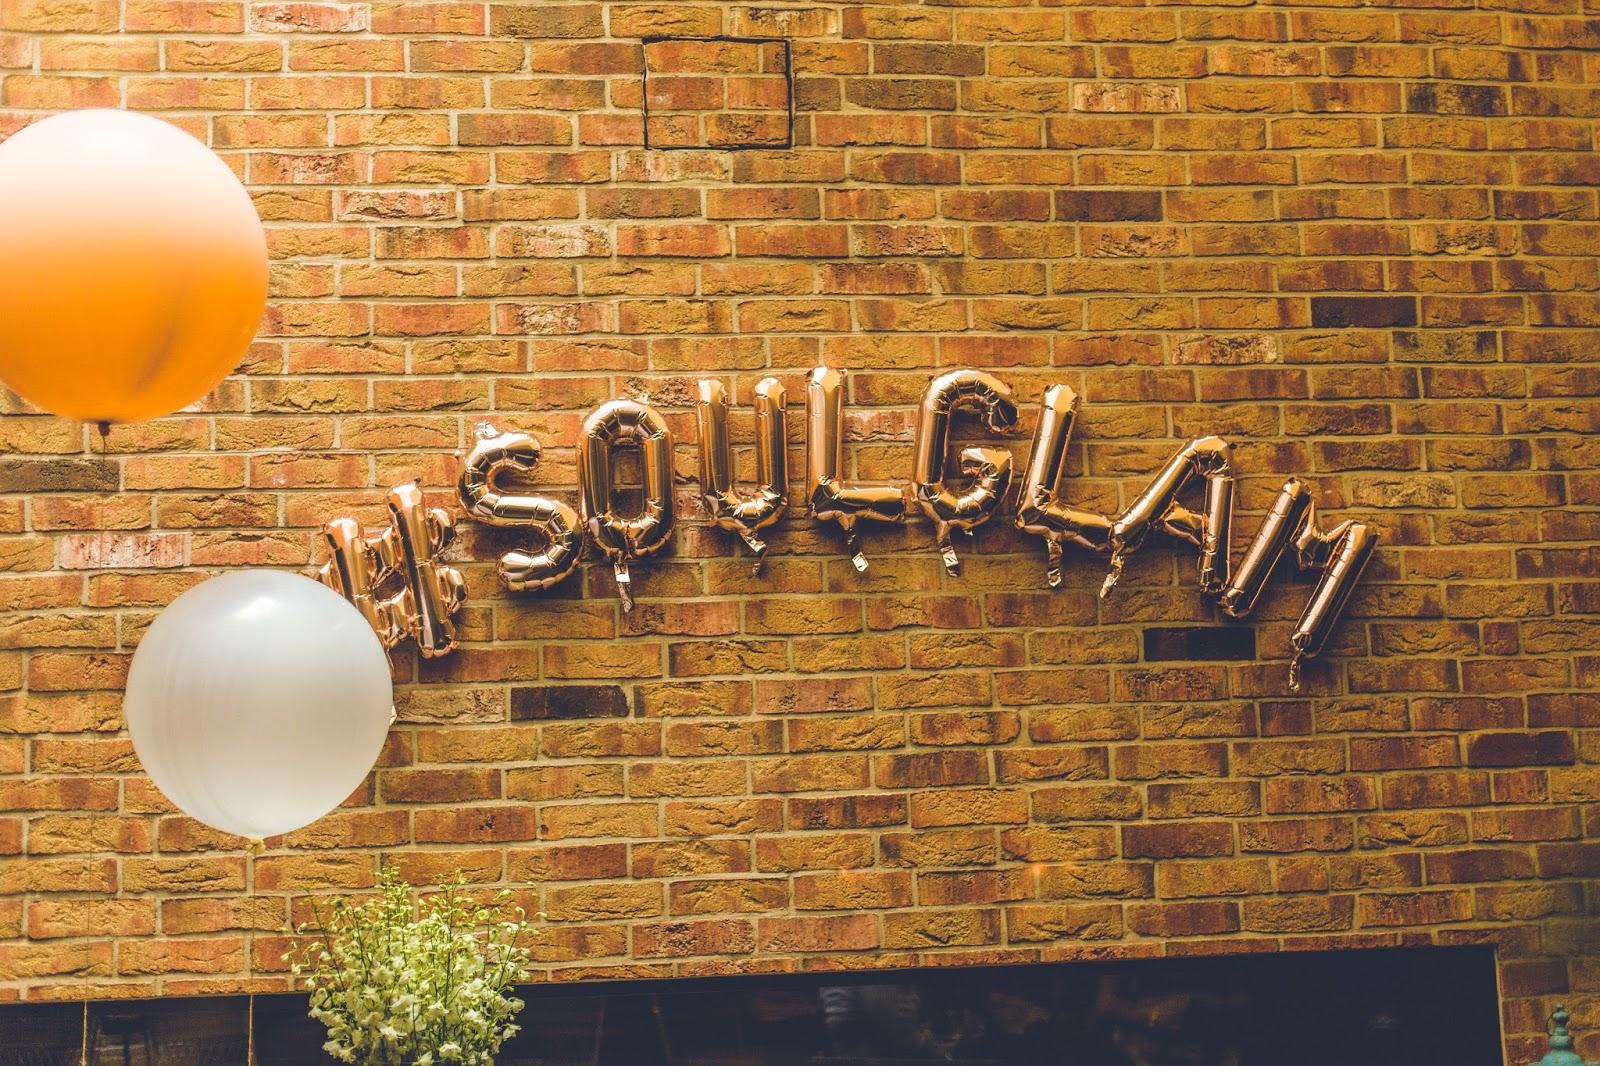 Event  Soulglam meets Guido Maria Kretschmer. Seit drei Tagen bin ich  wieder daheim und immer noch ganz erfüllt von meinen Erlebnissen auf der Fashion  Week. 6773fa889b